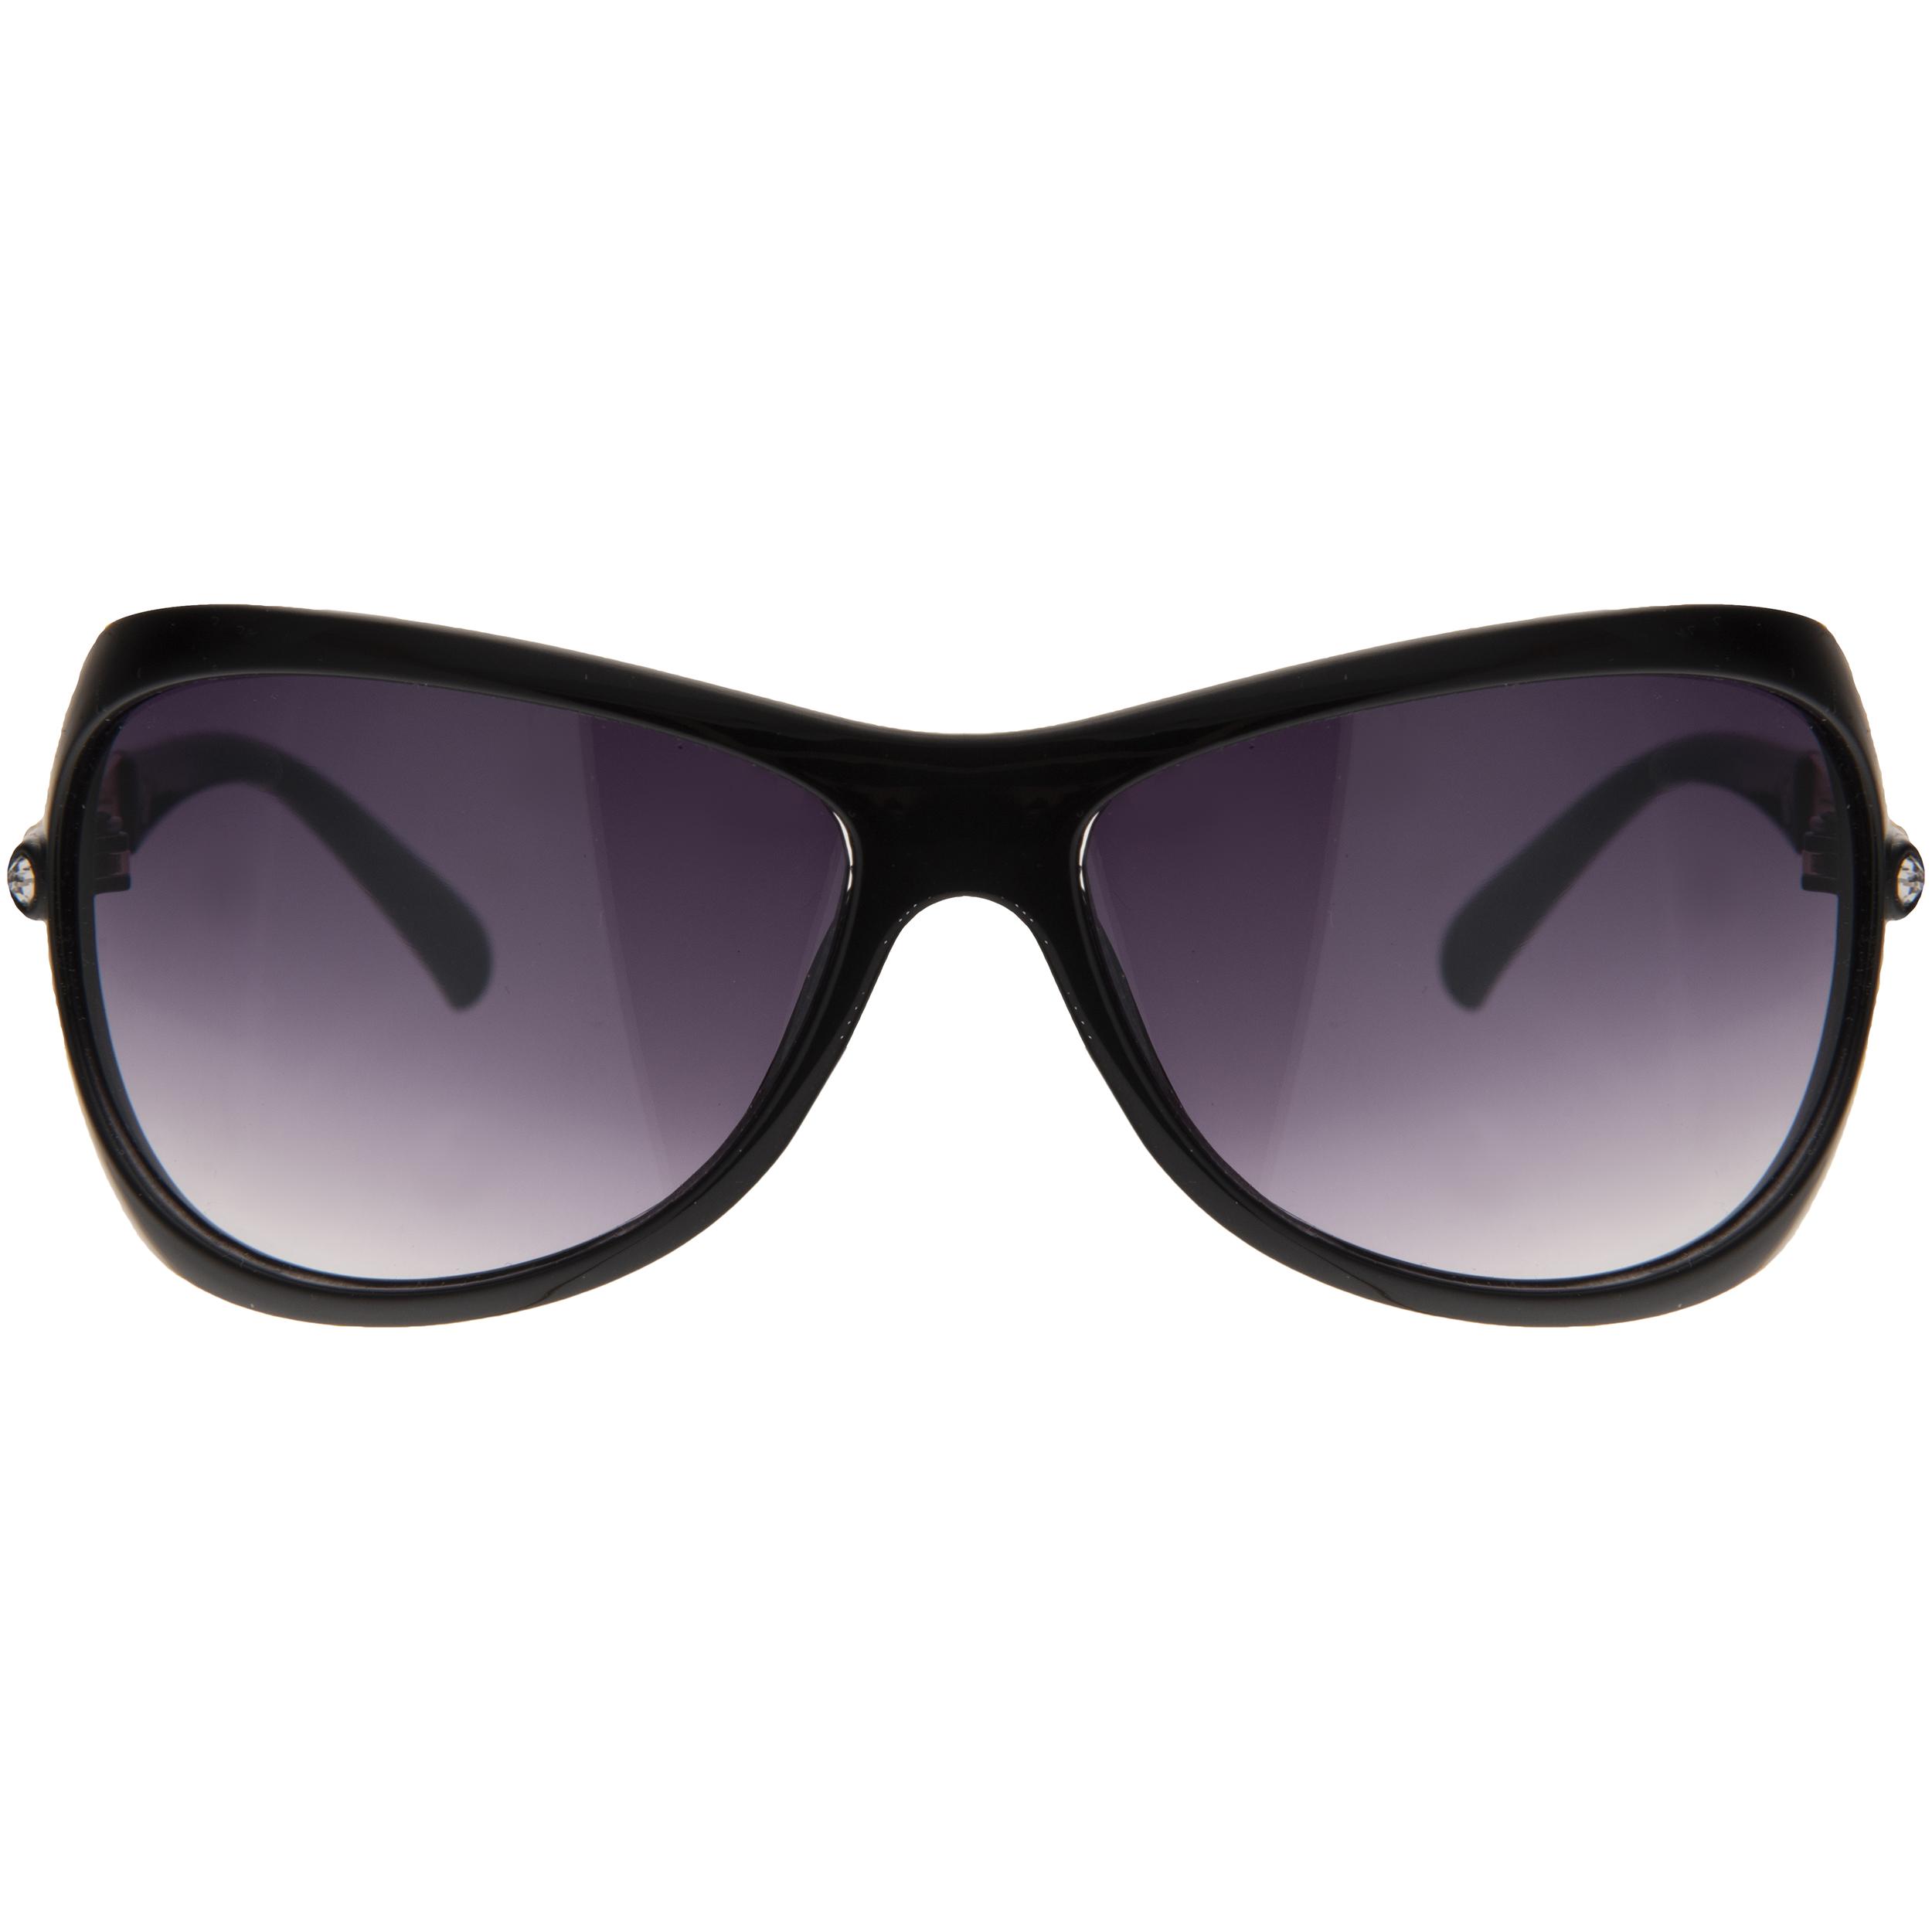 عینک آفتابی زنانه مدل Alunix B42